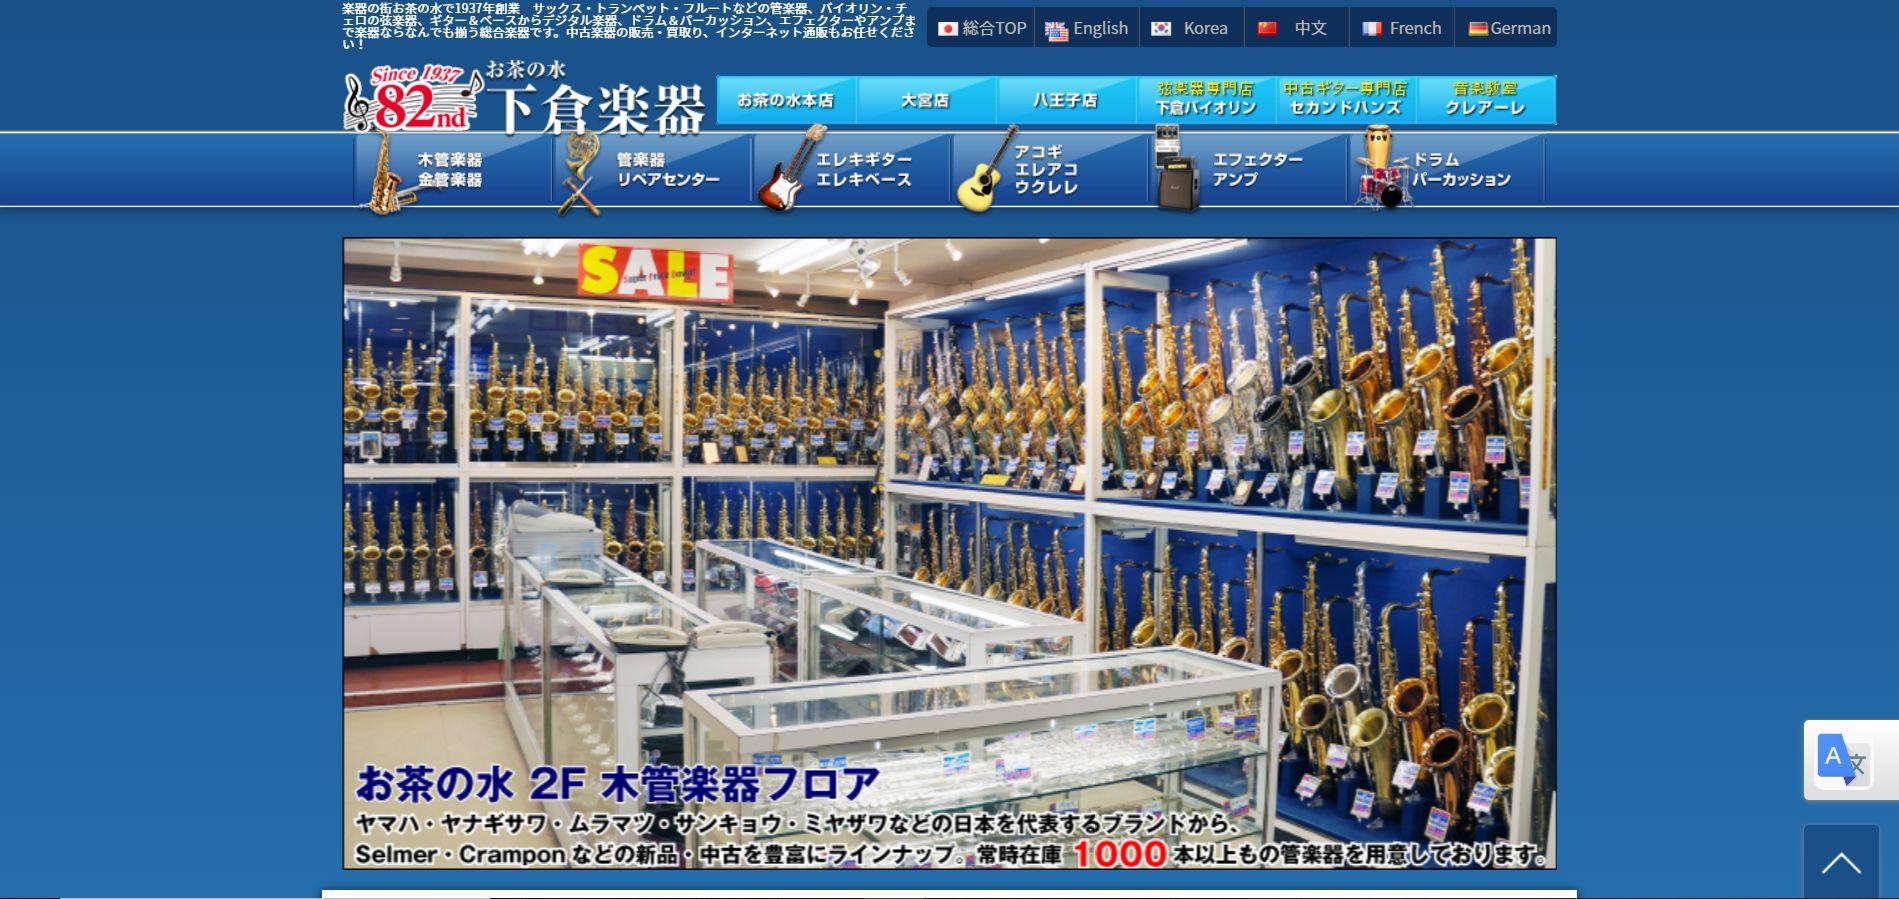 下倉楽器のギター買取(御茶ノ水)